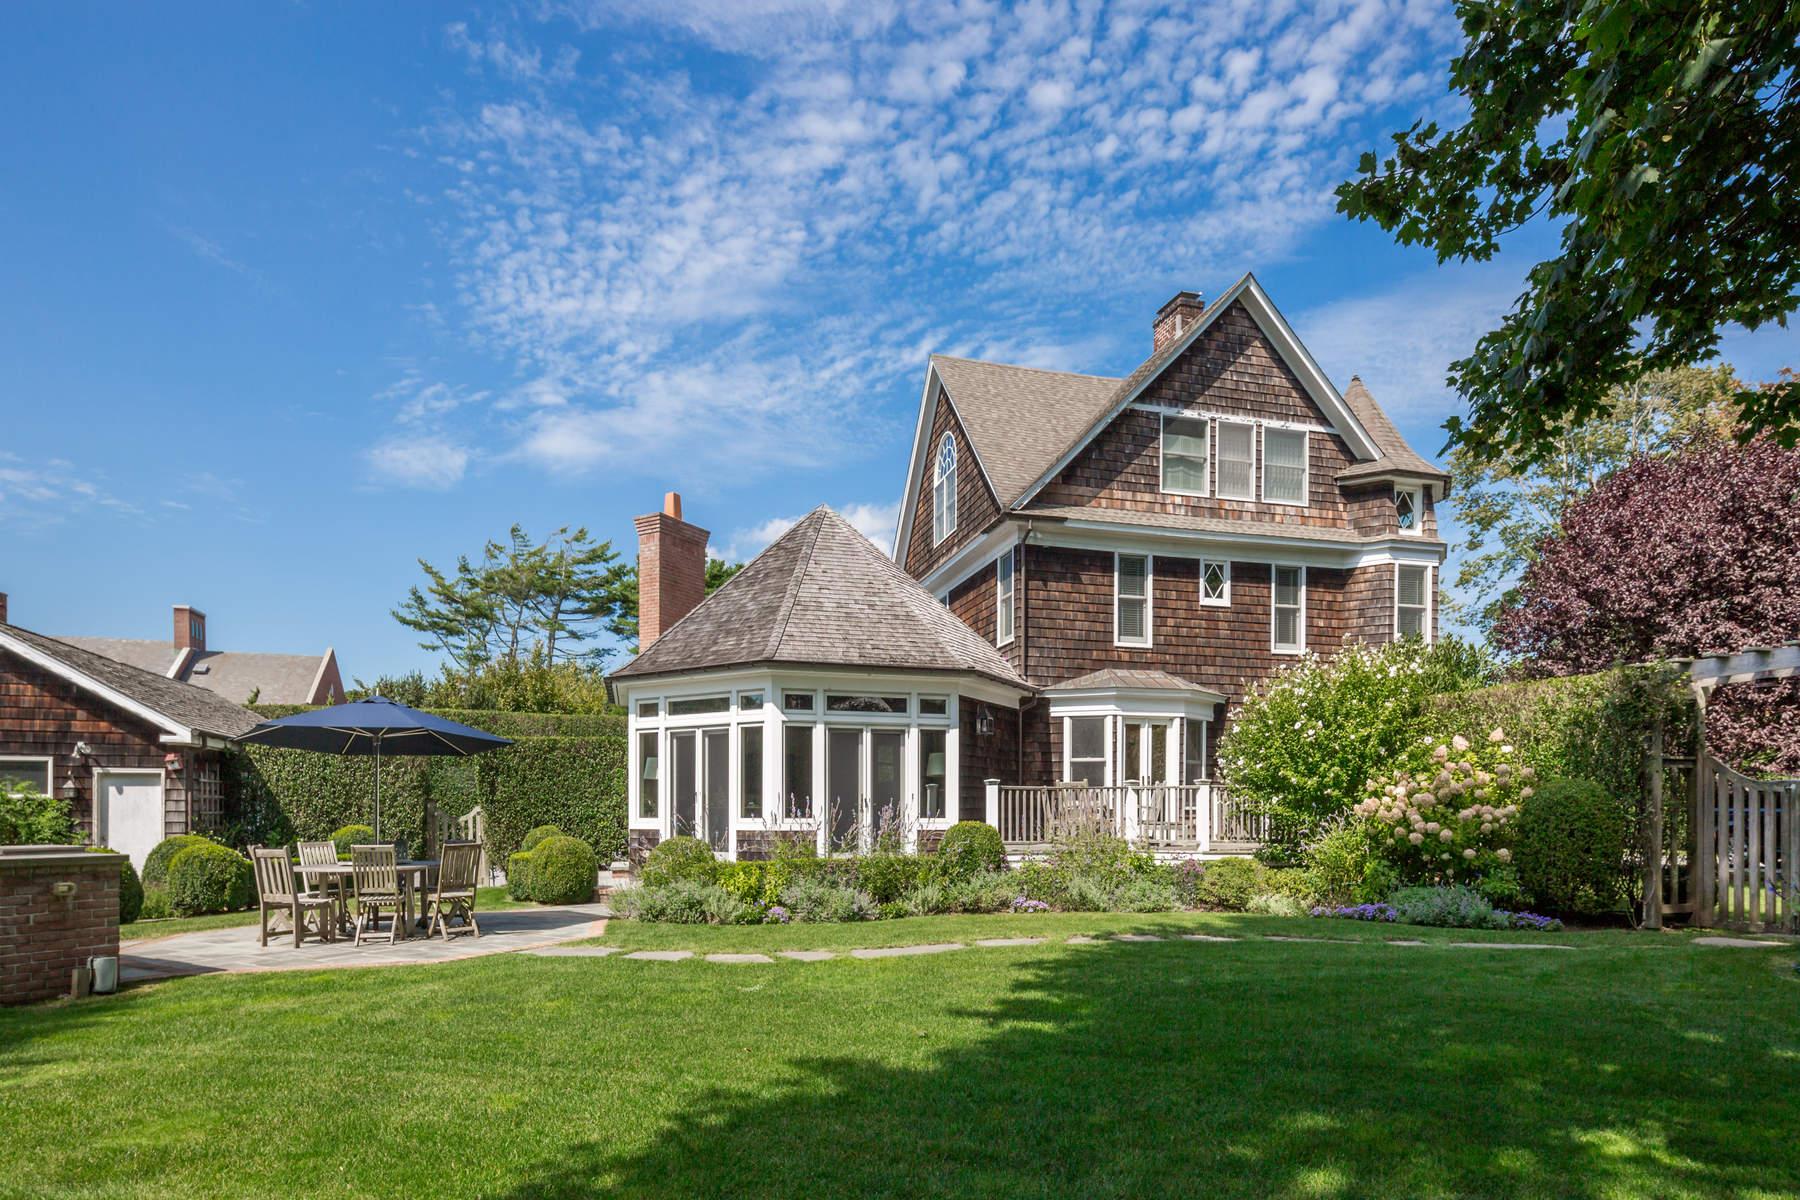 single family homes for Rent at Near The Ocean In Amagansett 30 Meeting House Lane Amagansett, New York 11930 United States